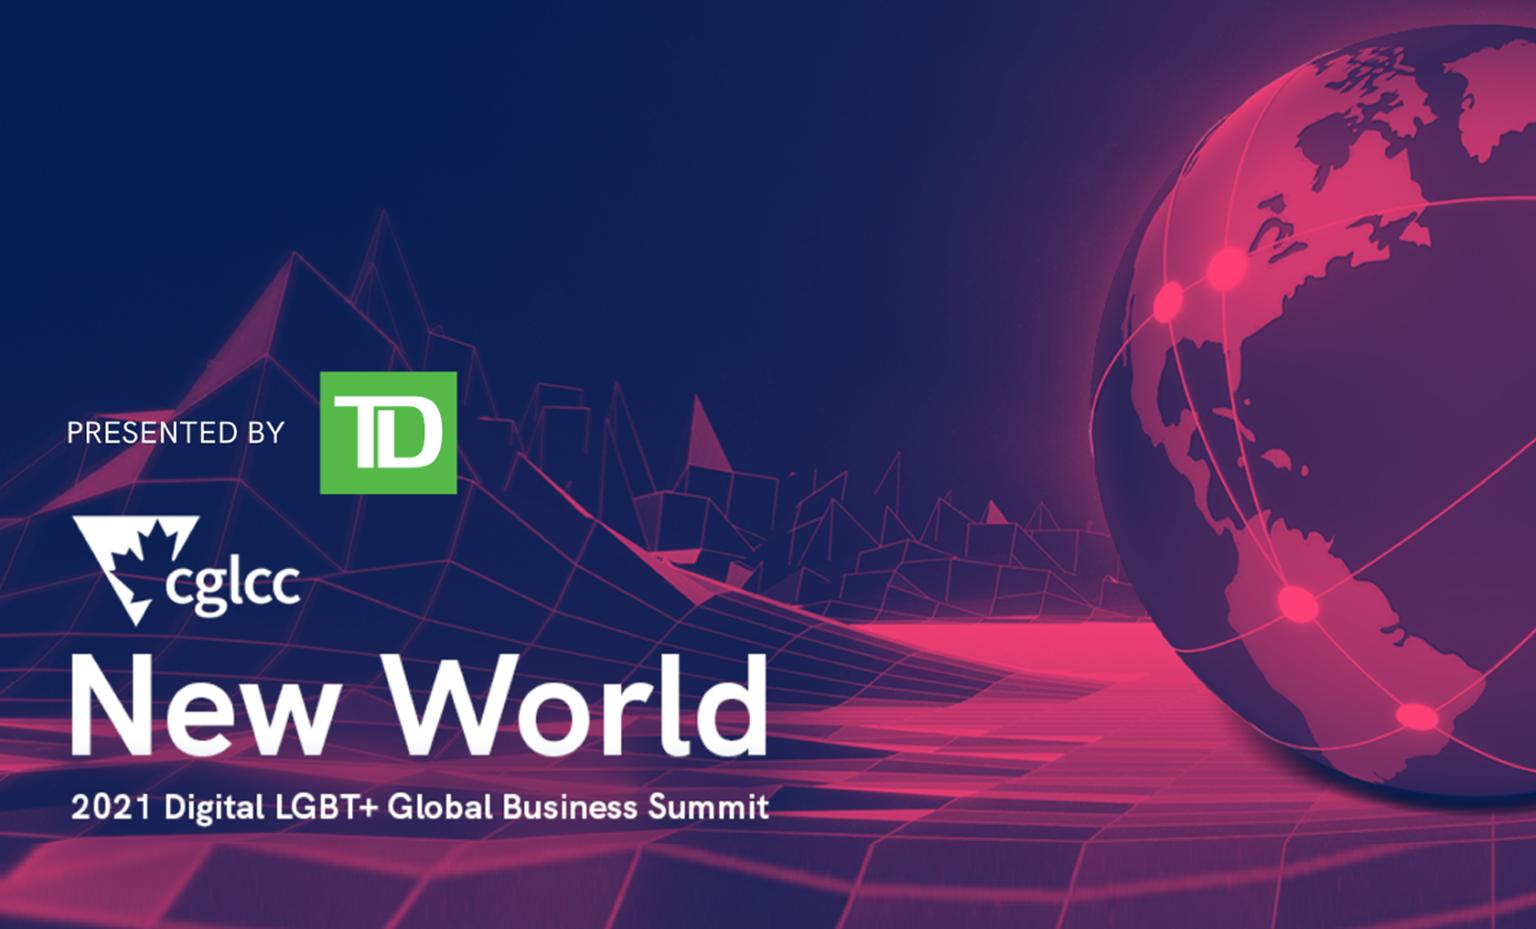 New World: 2021 Digital LGBT+ Global Business Summit